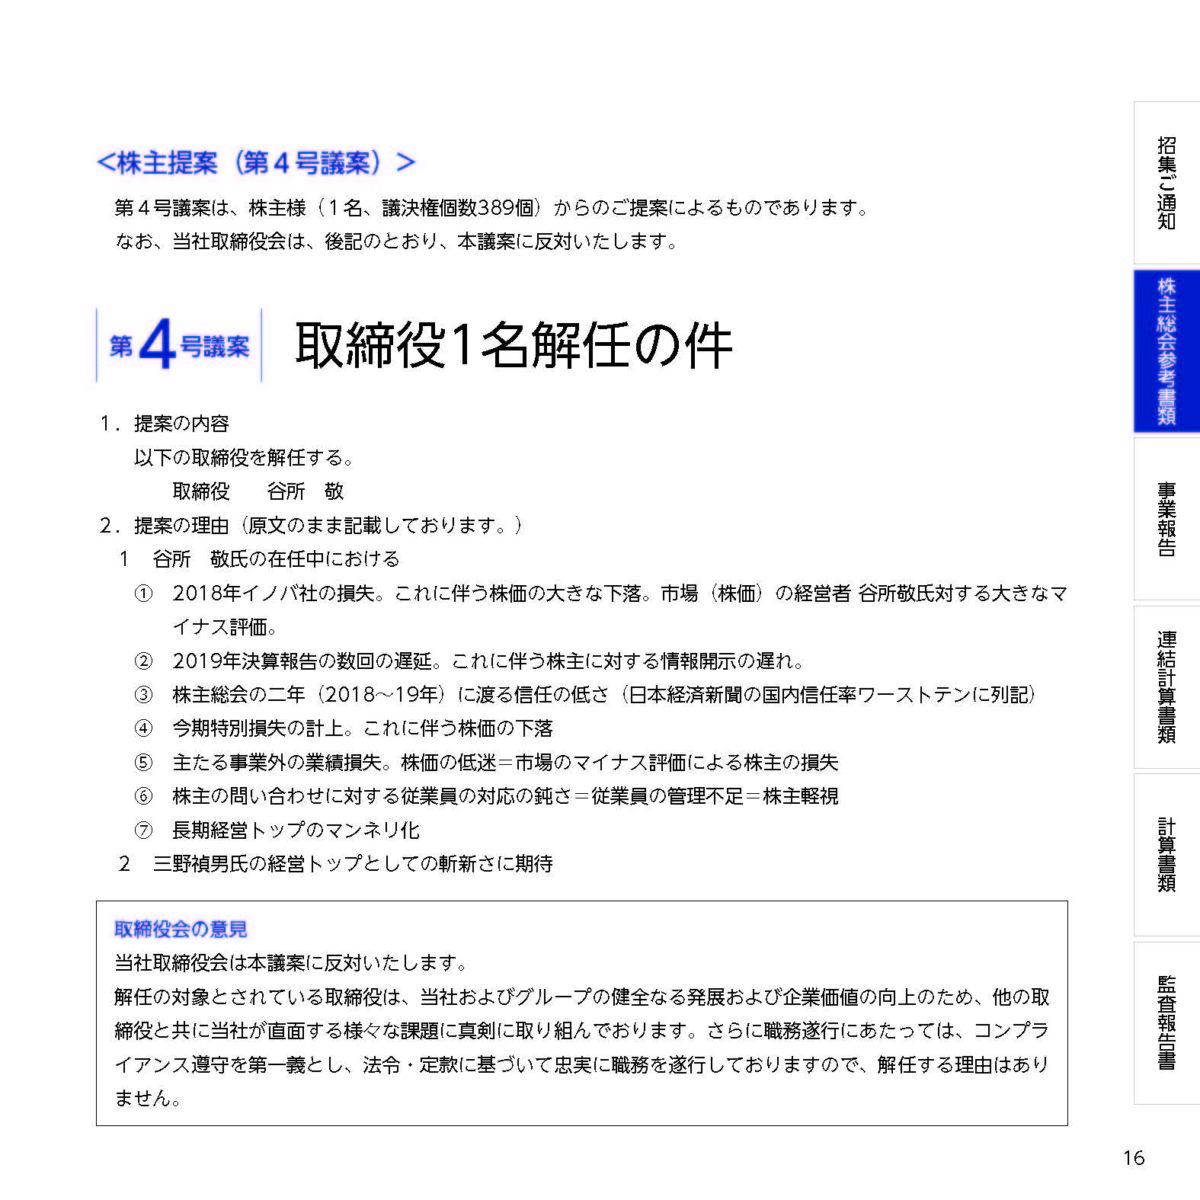 日立造船会長(取締役) 谷所 敬氏 解任の株主提案がありました